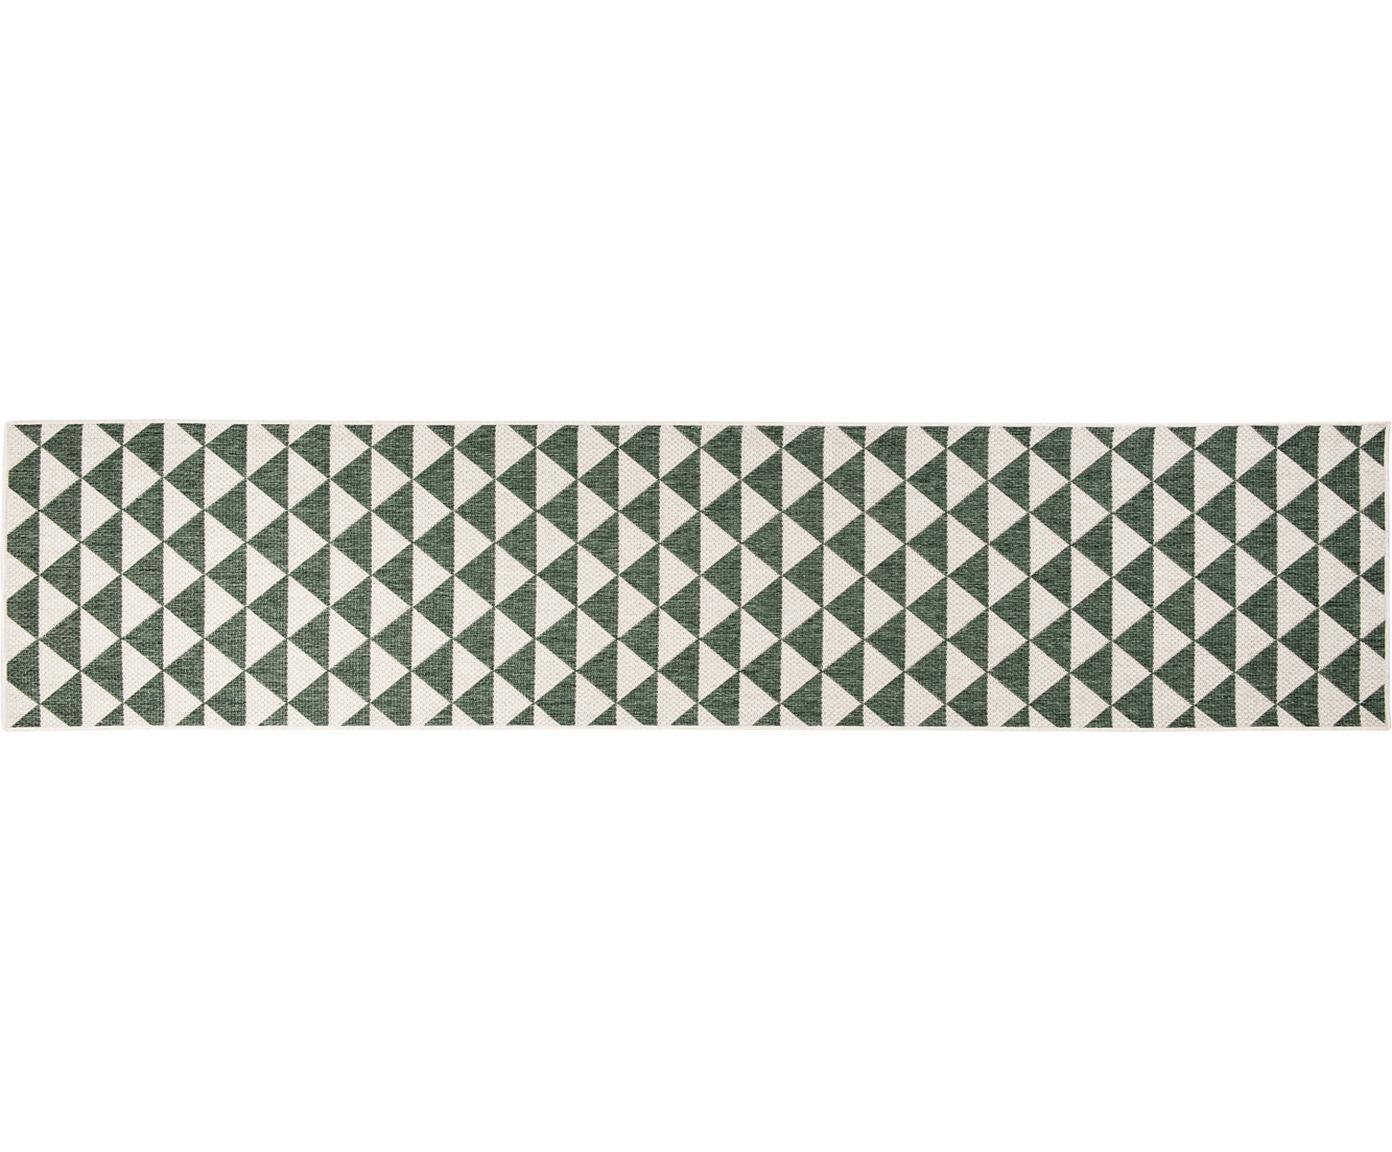 Gemusterter In- & Outdoor-Läufer Tahiti in Grün/Creme, 100% Polypropylen, Grün, Cremefarben, 80 x 350 cm